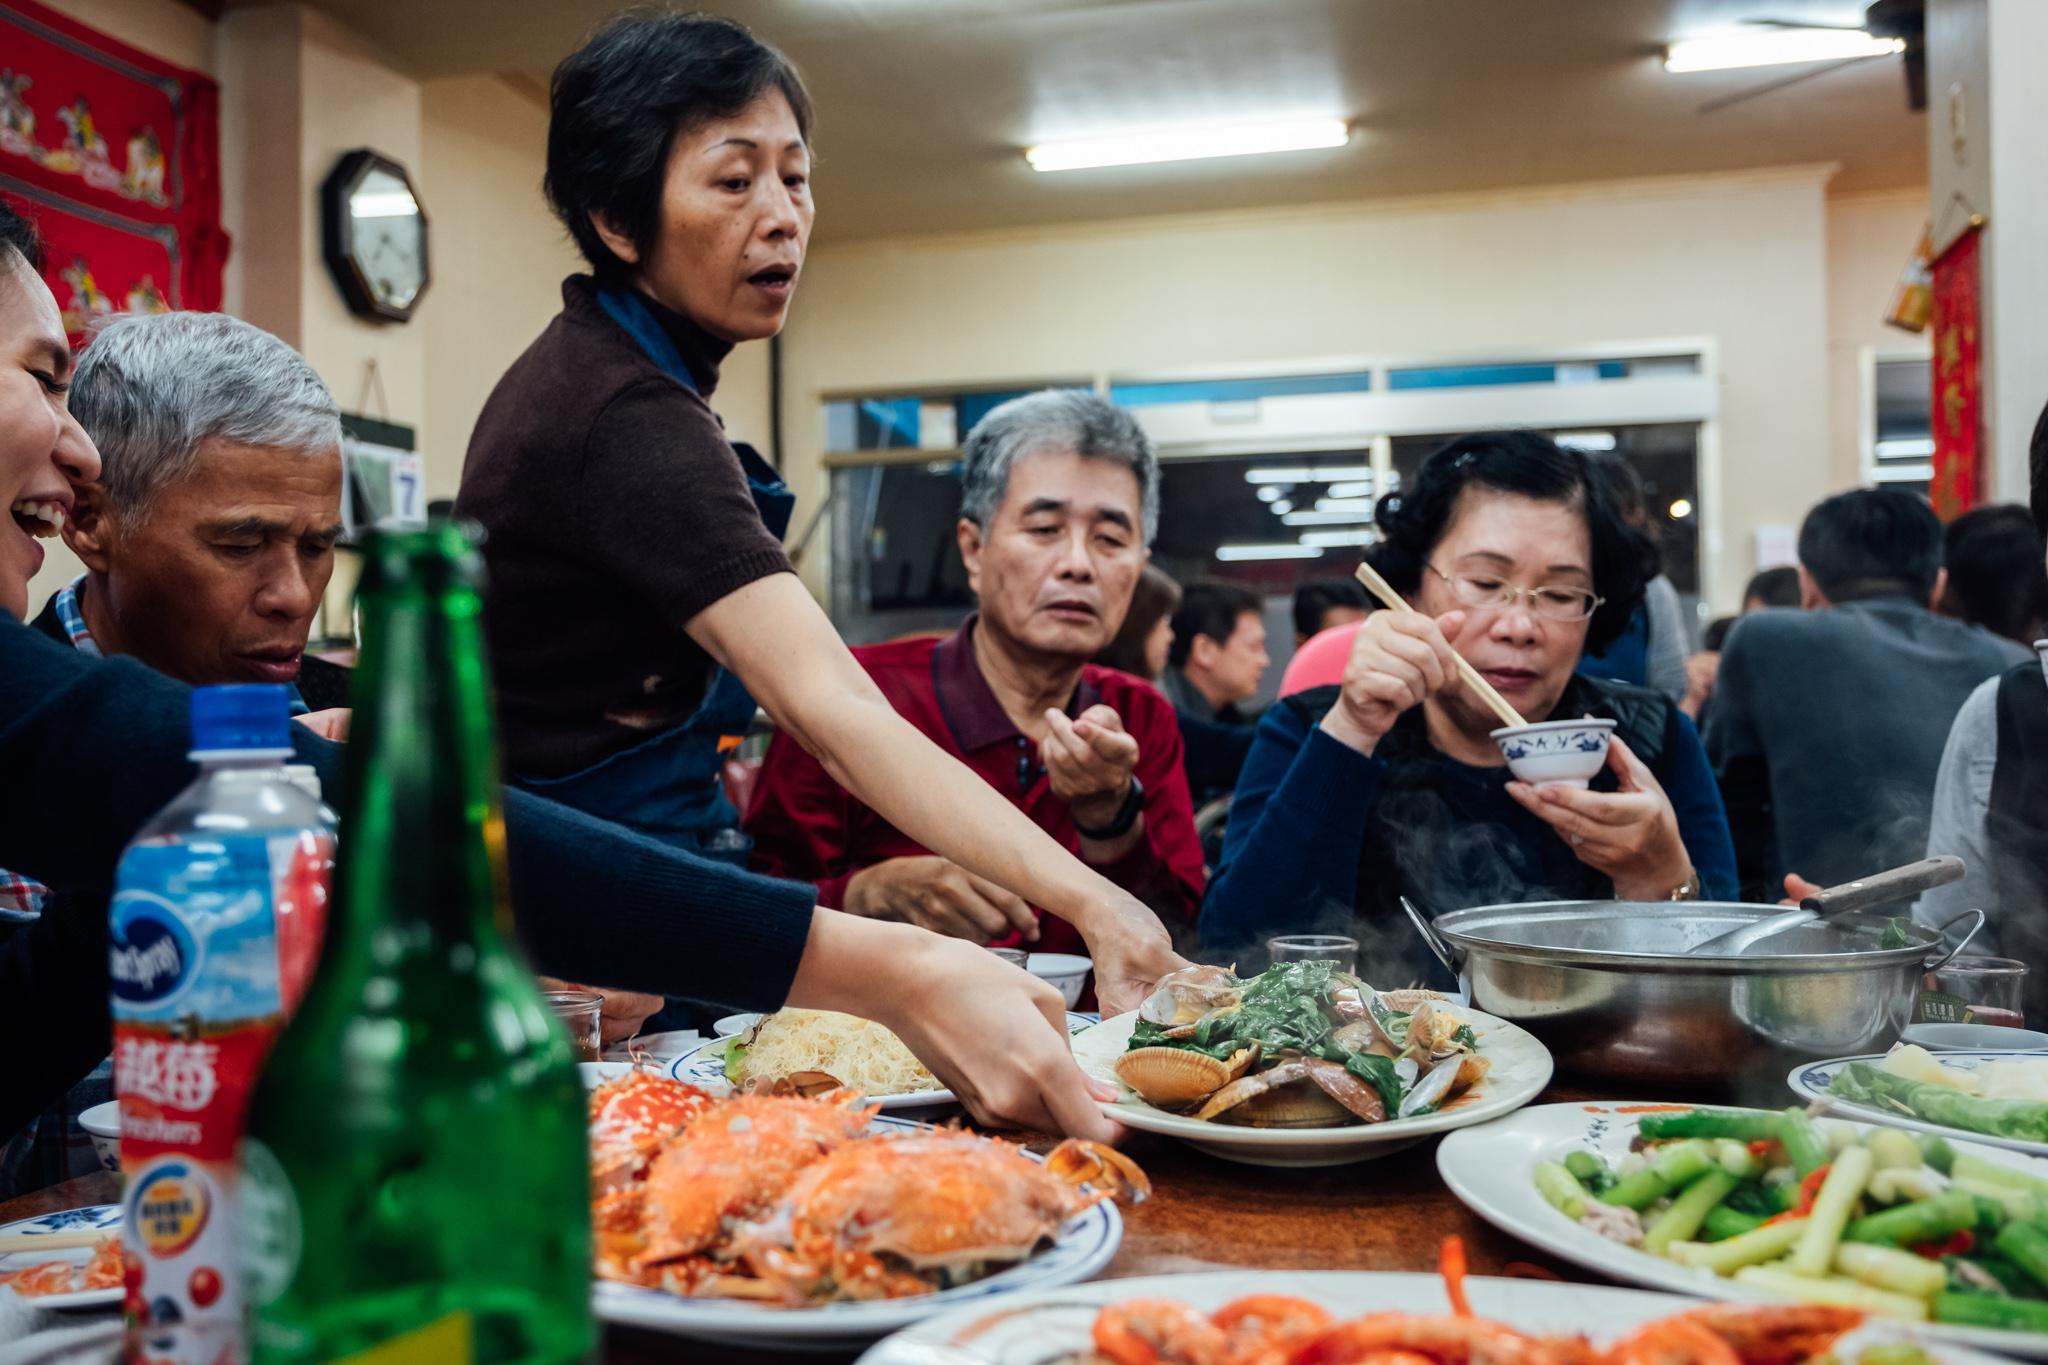 尚海海產 – Seafood restaurant in West Central District in Tainan